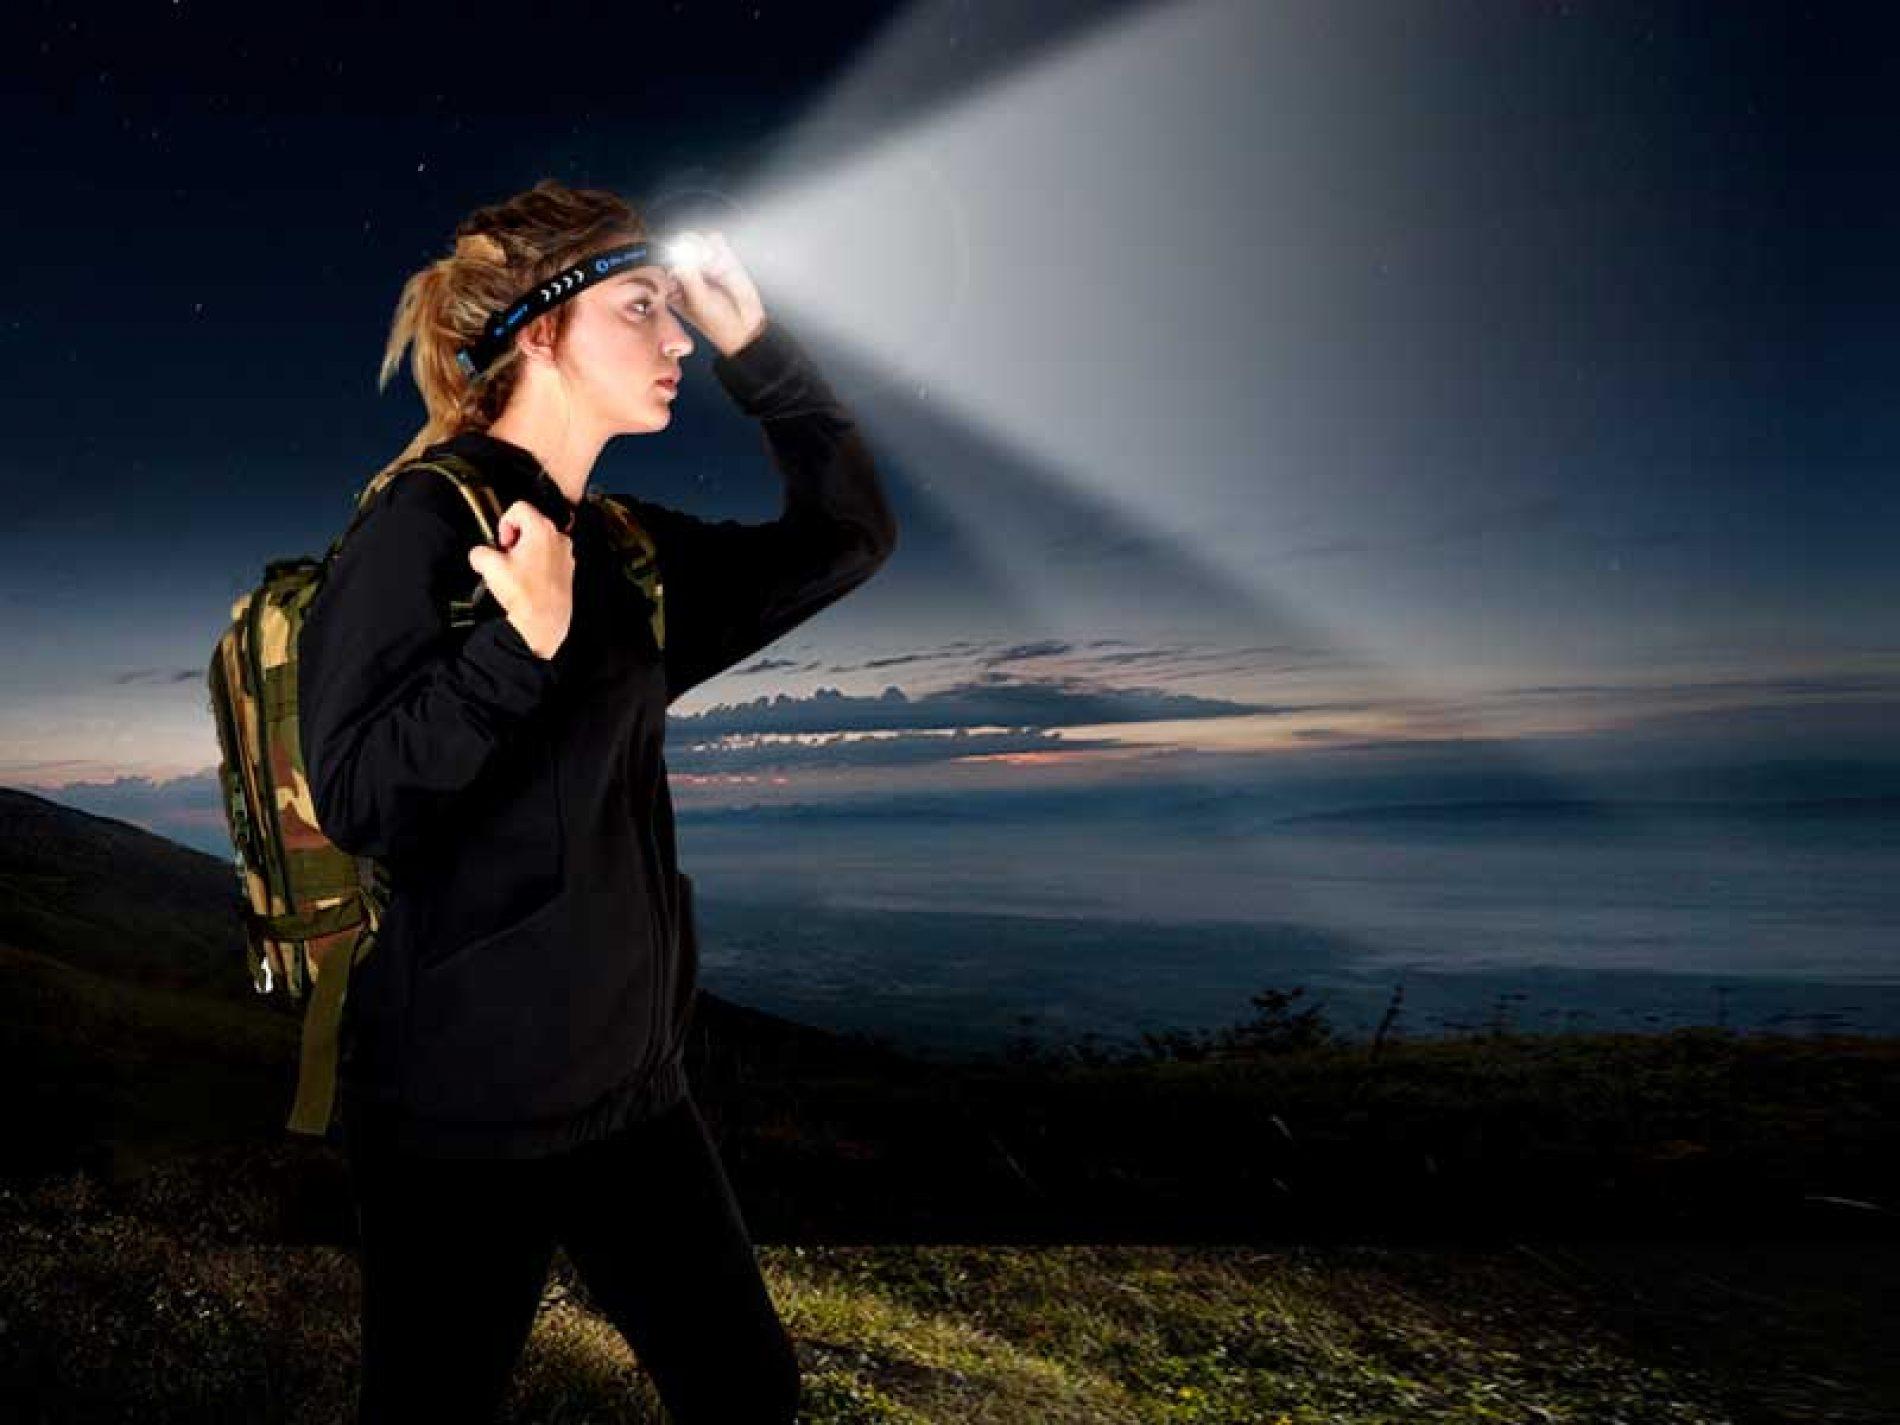 ¿Llevas una linterna frontal para salir de caza?